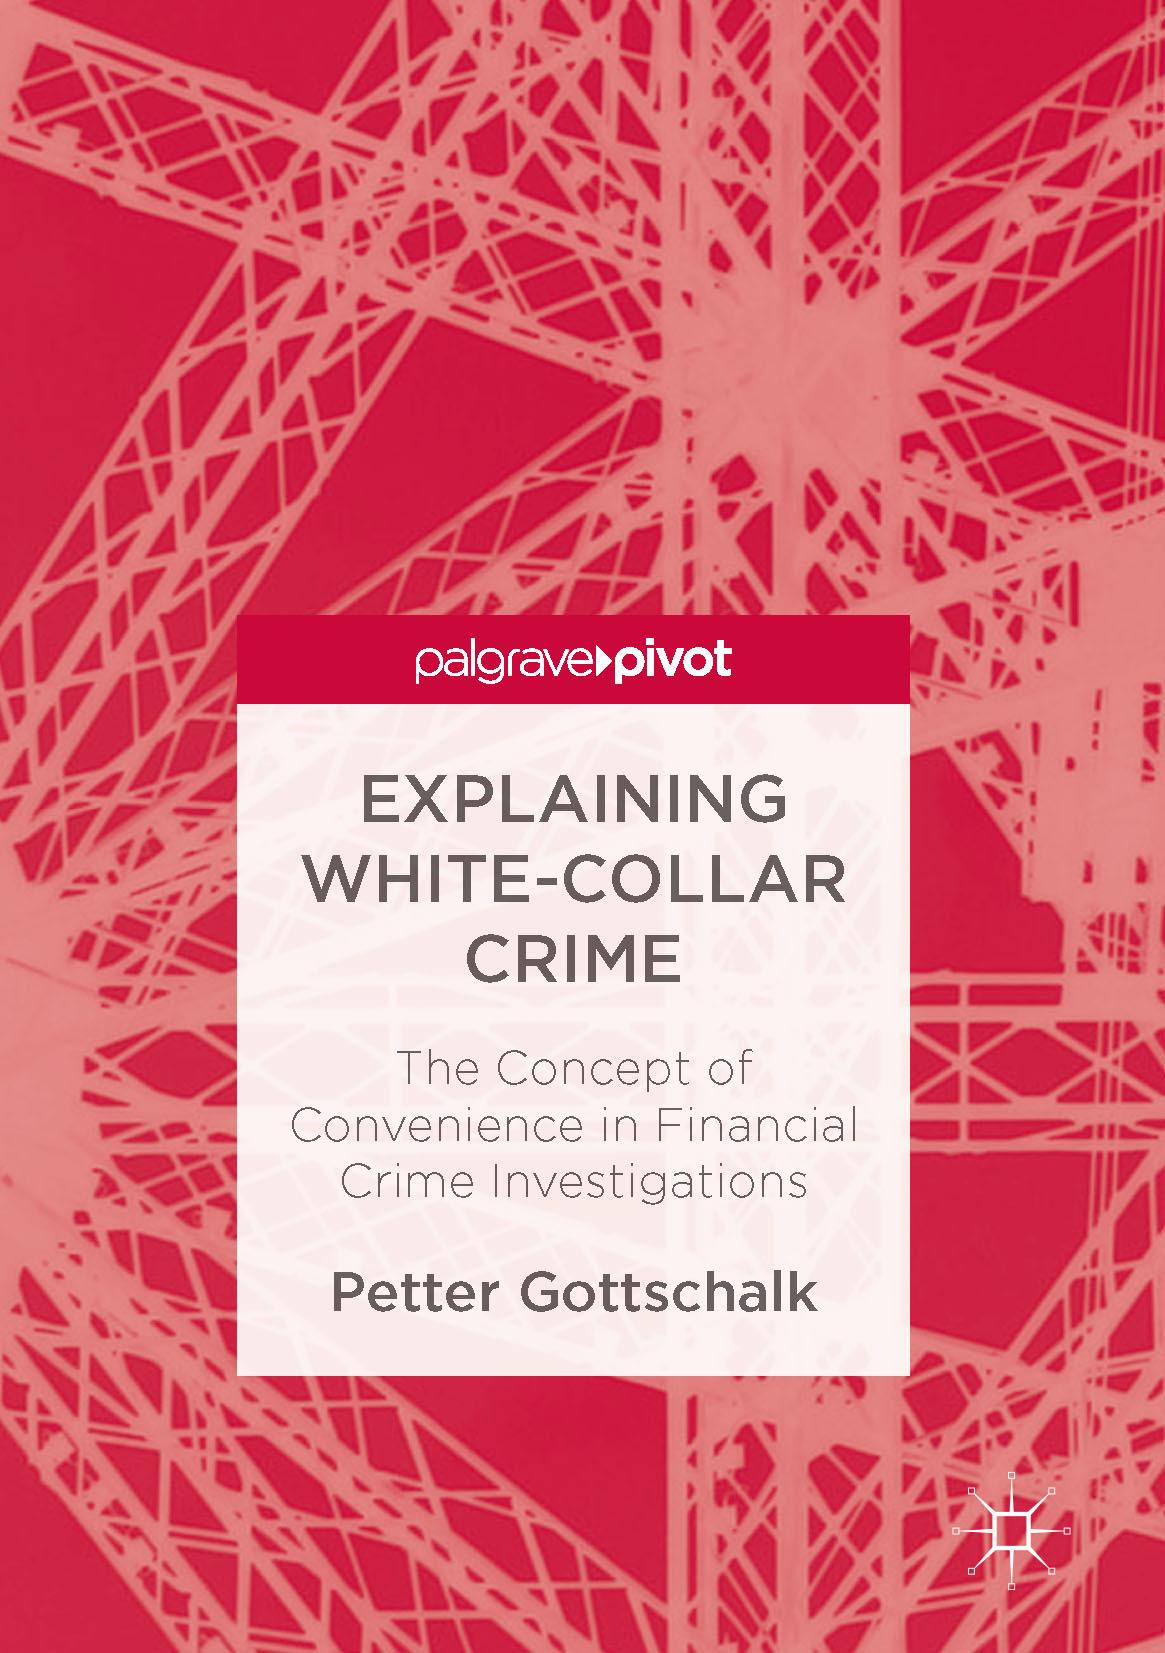 Gottschalk, Petter - Explaining White-Collar Crime, ebook